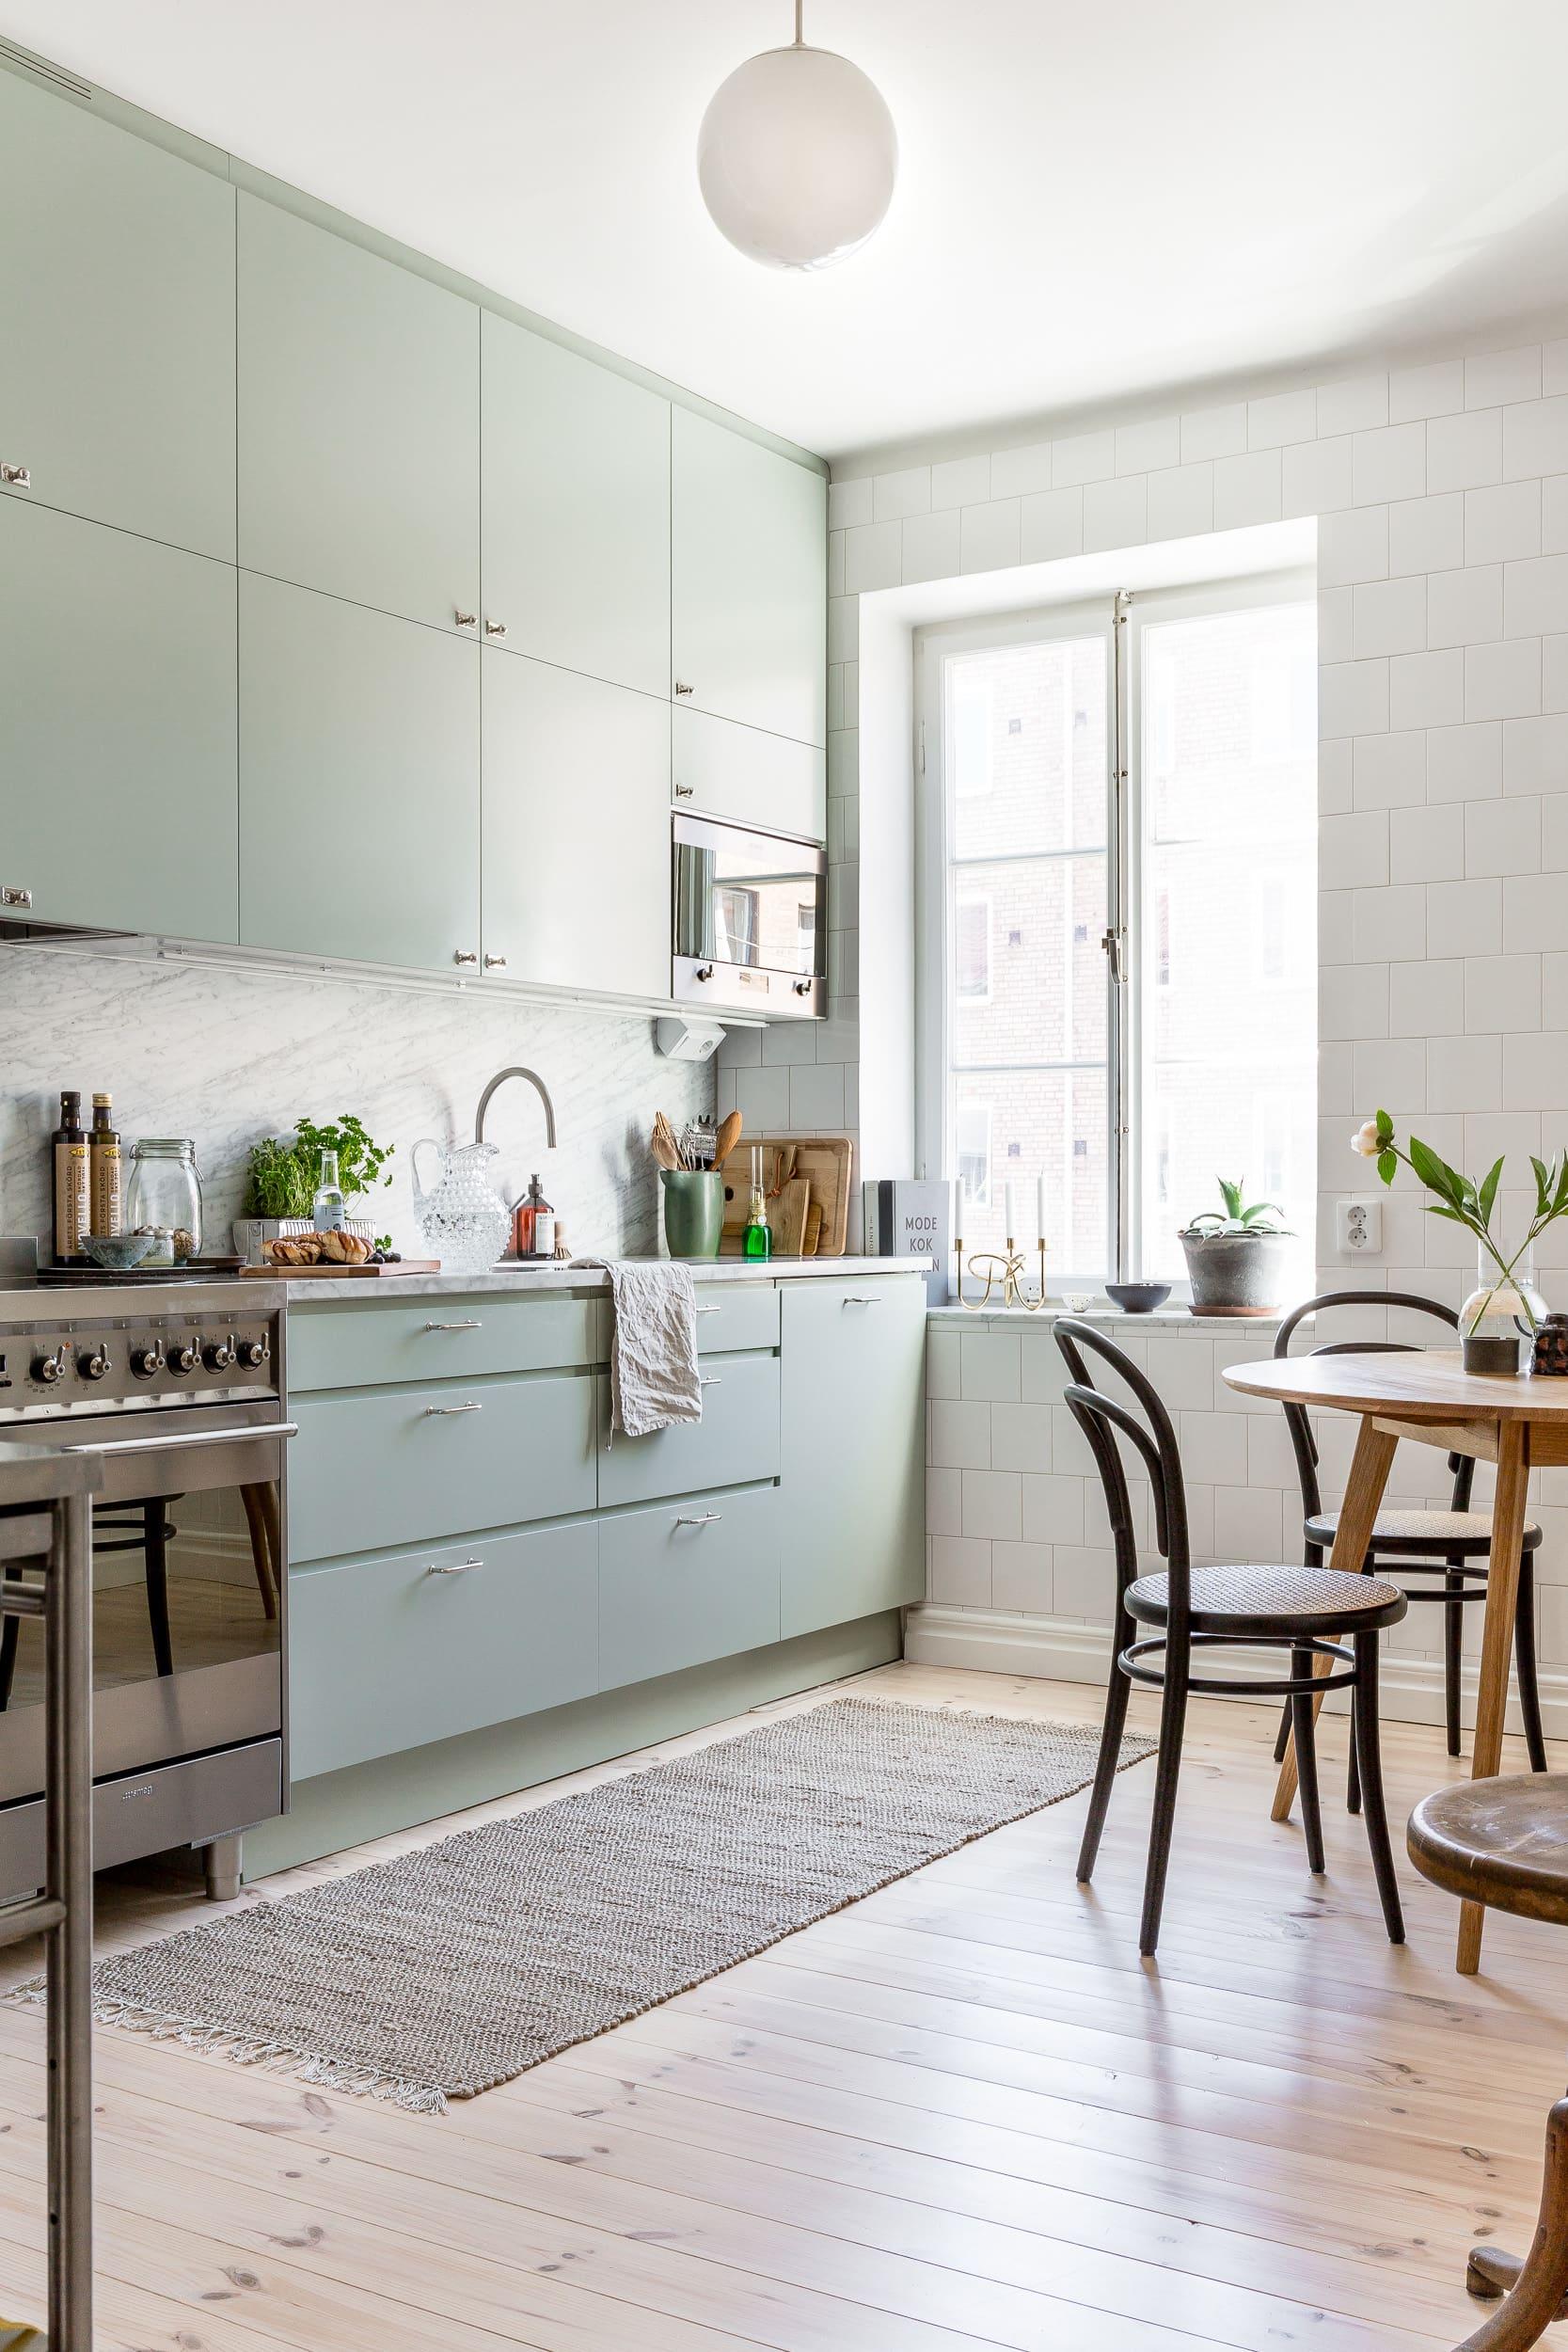 Köket är något alldeles extra med sina helkaklade väggar, marmorskivor och mjukt gröna luckor.Kök från Kolmårdskök och beslag från Byggfabriken.